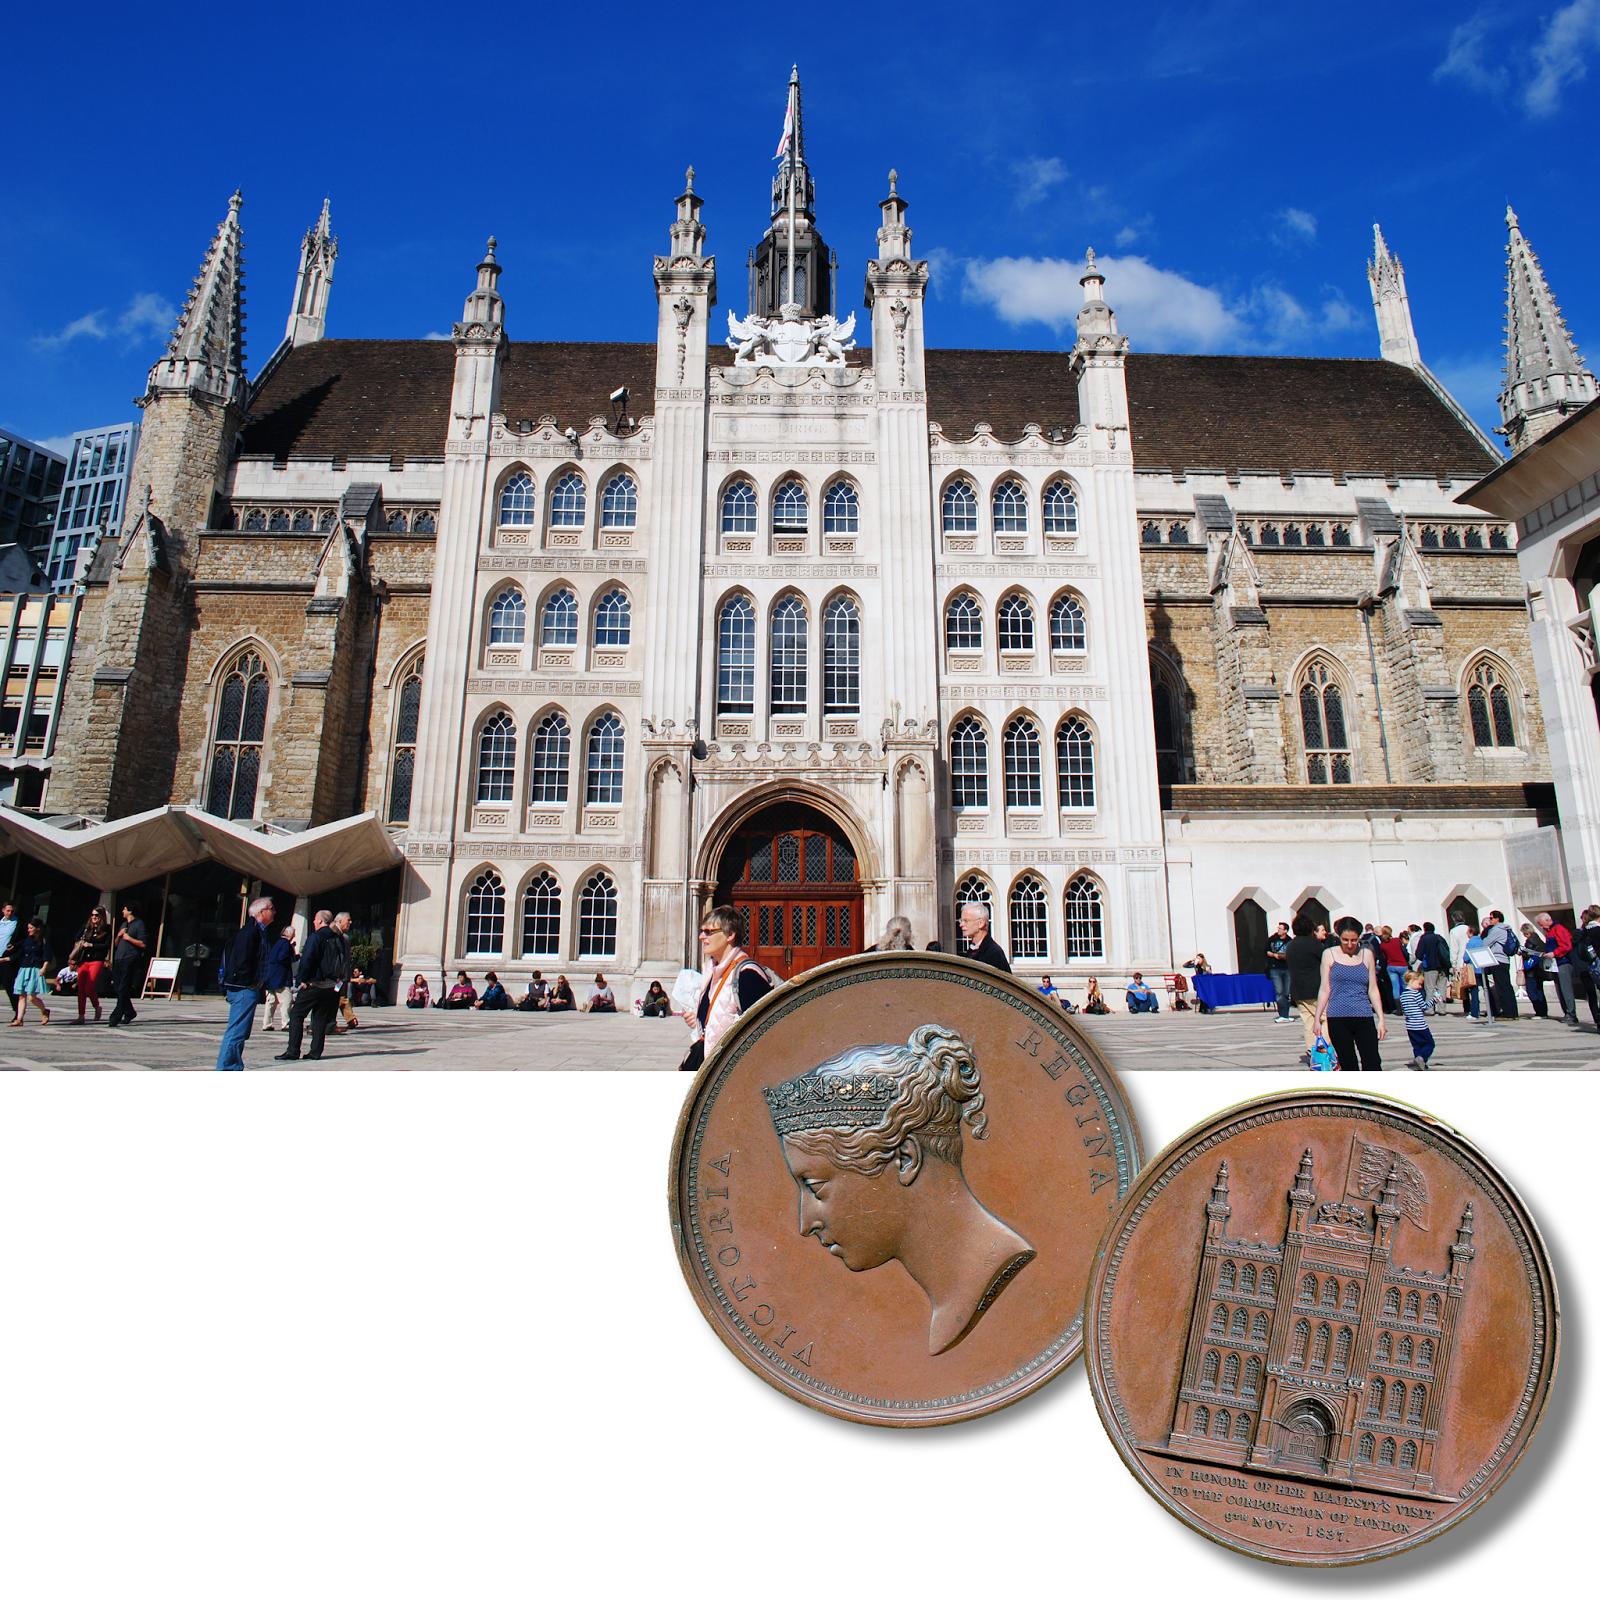 Sultan Abdülaziz'in Londra'yı Ziyaretinde Konuk Edildiği Londra Şehir Meclisi Guildhall